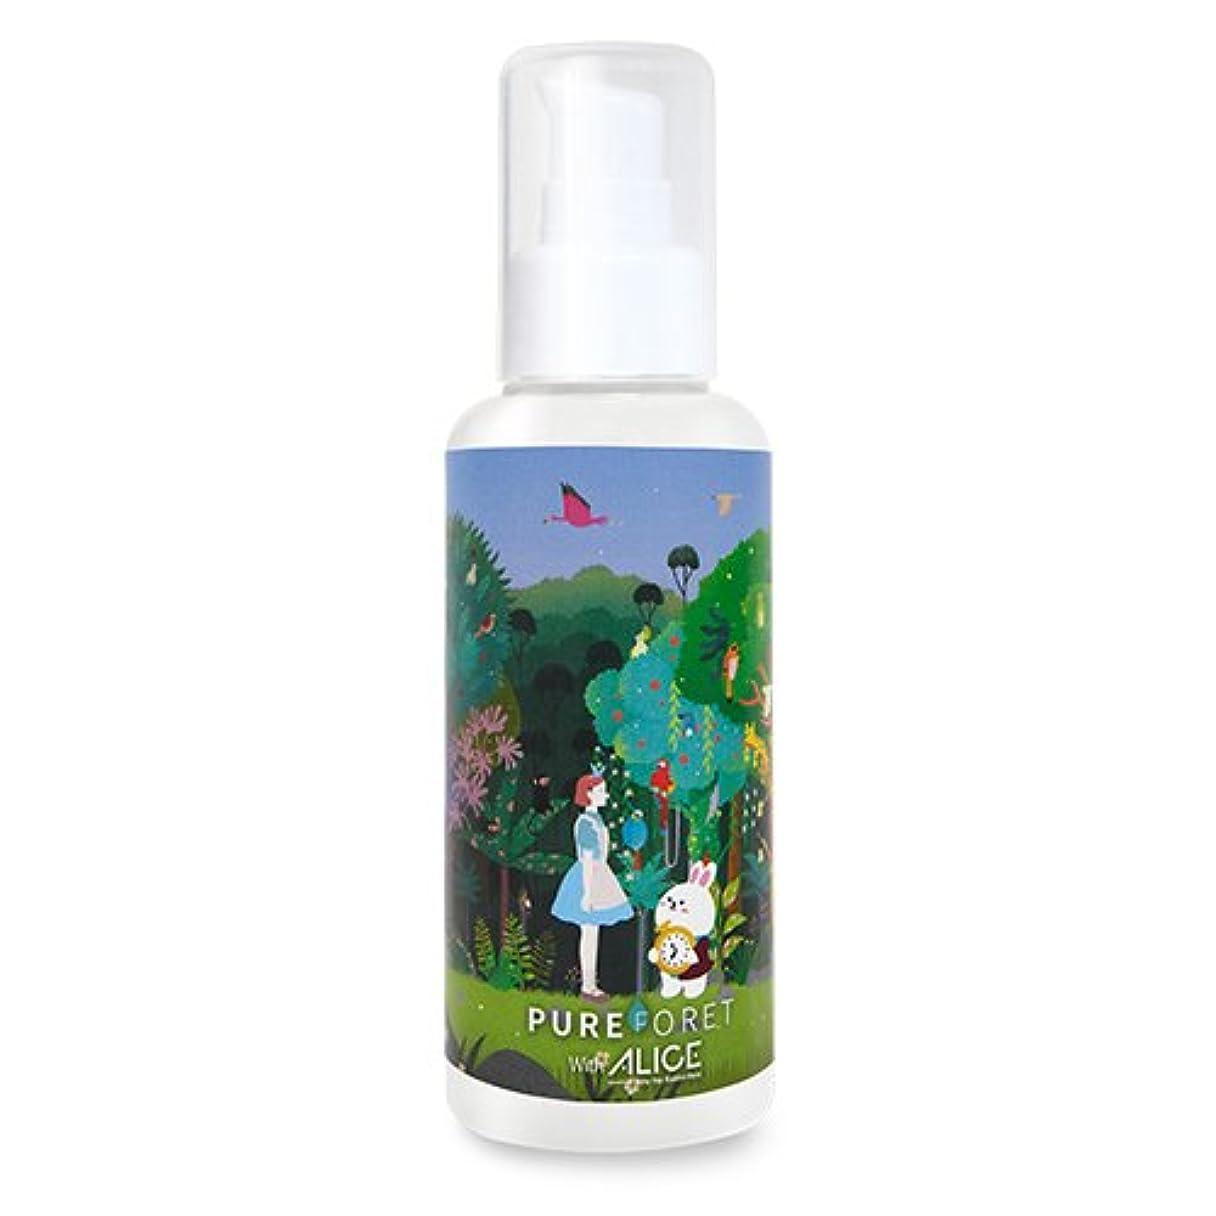 韓国産 Pureforet x Alice スキンリペア ハイドレーティング スキン 化粧水 (150ml)